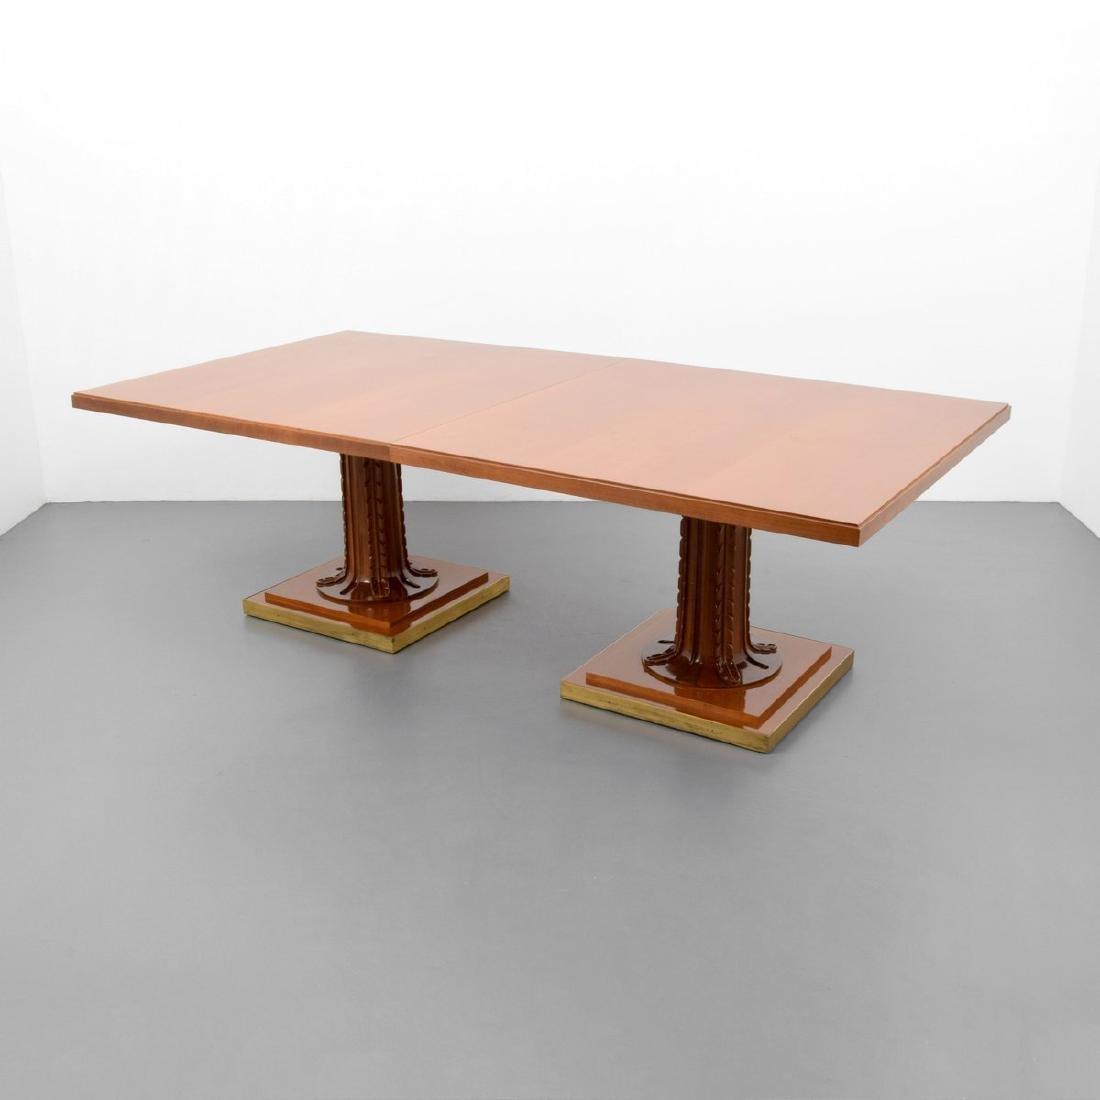 Monumental T.H. Robsjohn-Gibbings Dining Table